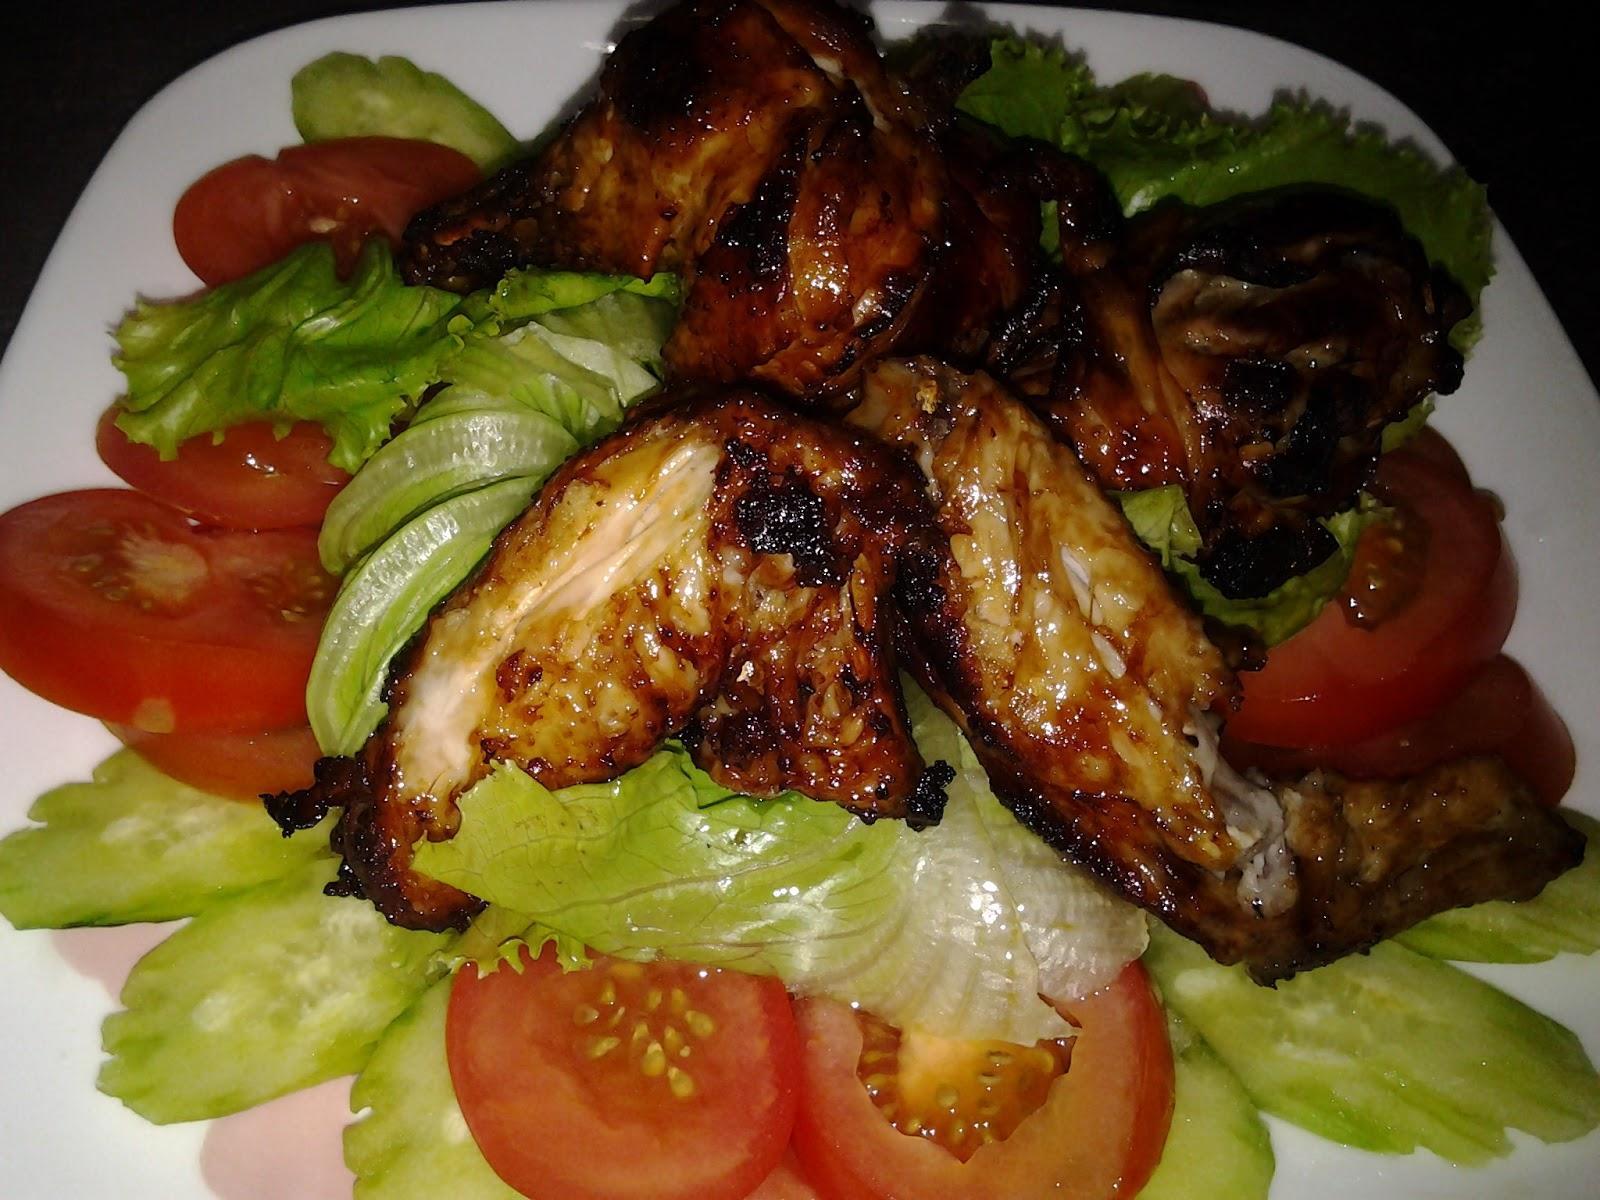 Resepi Nasi Ayam Untuk 10 Orang Makan